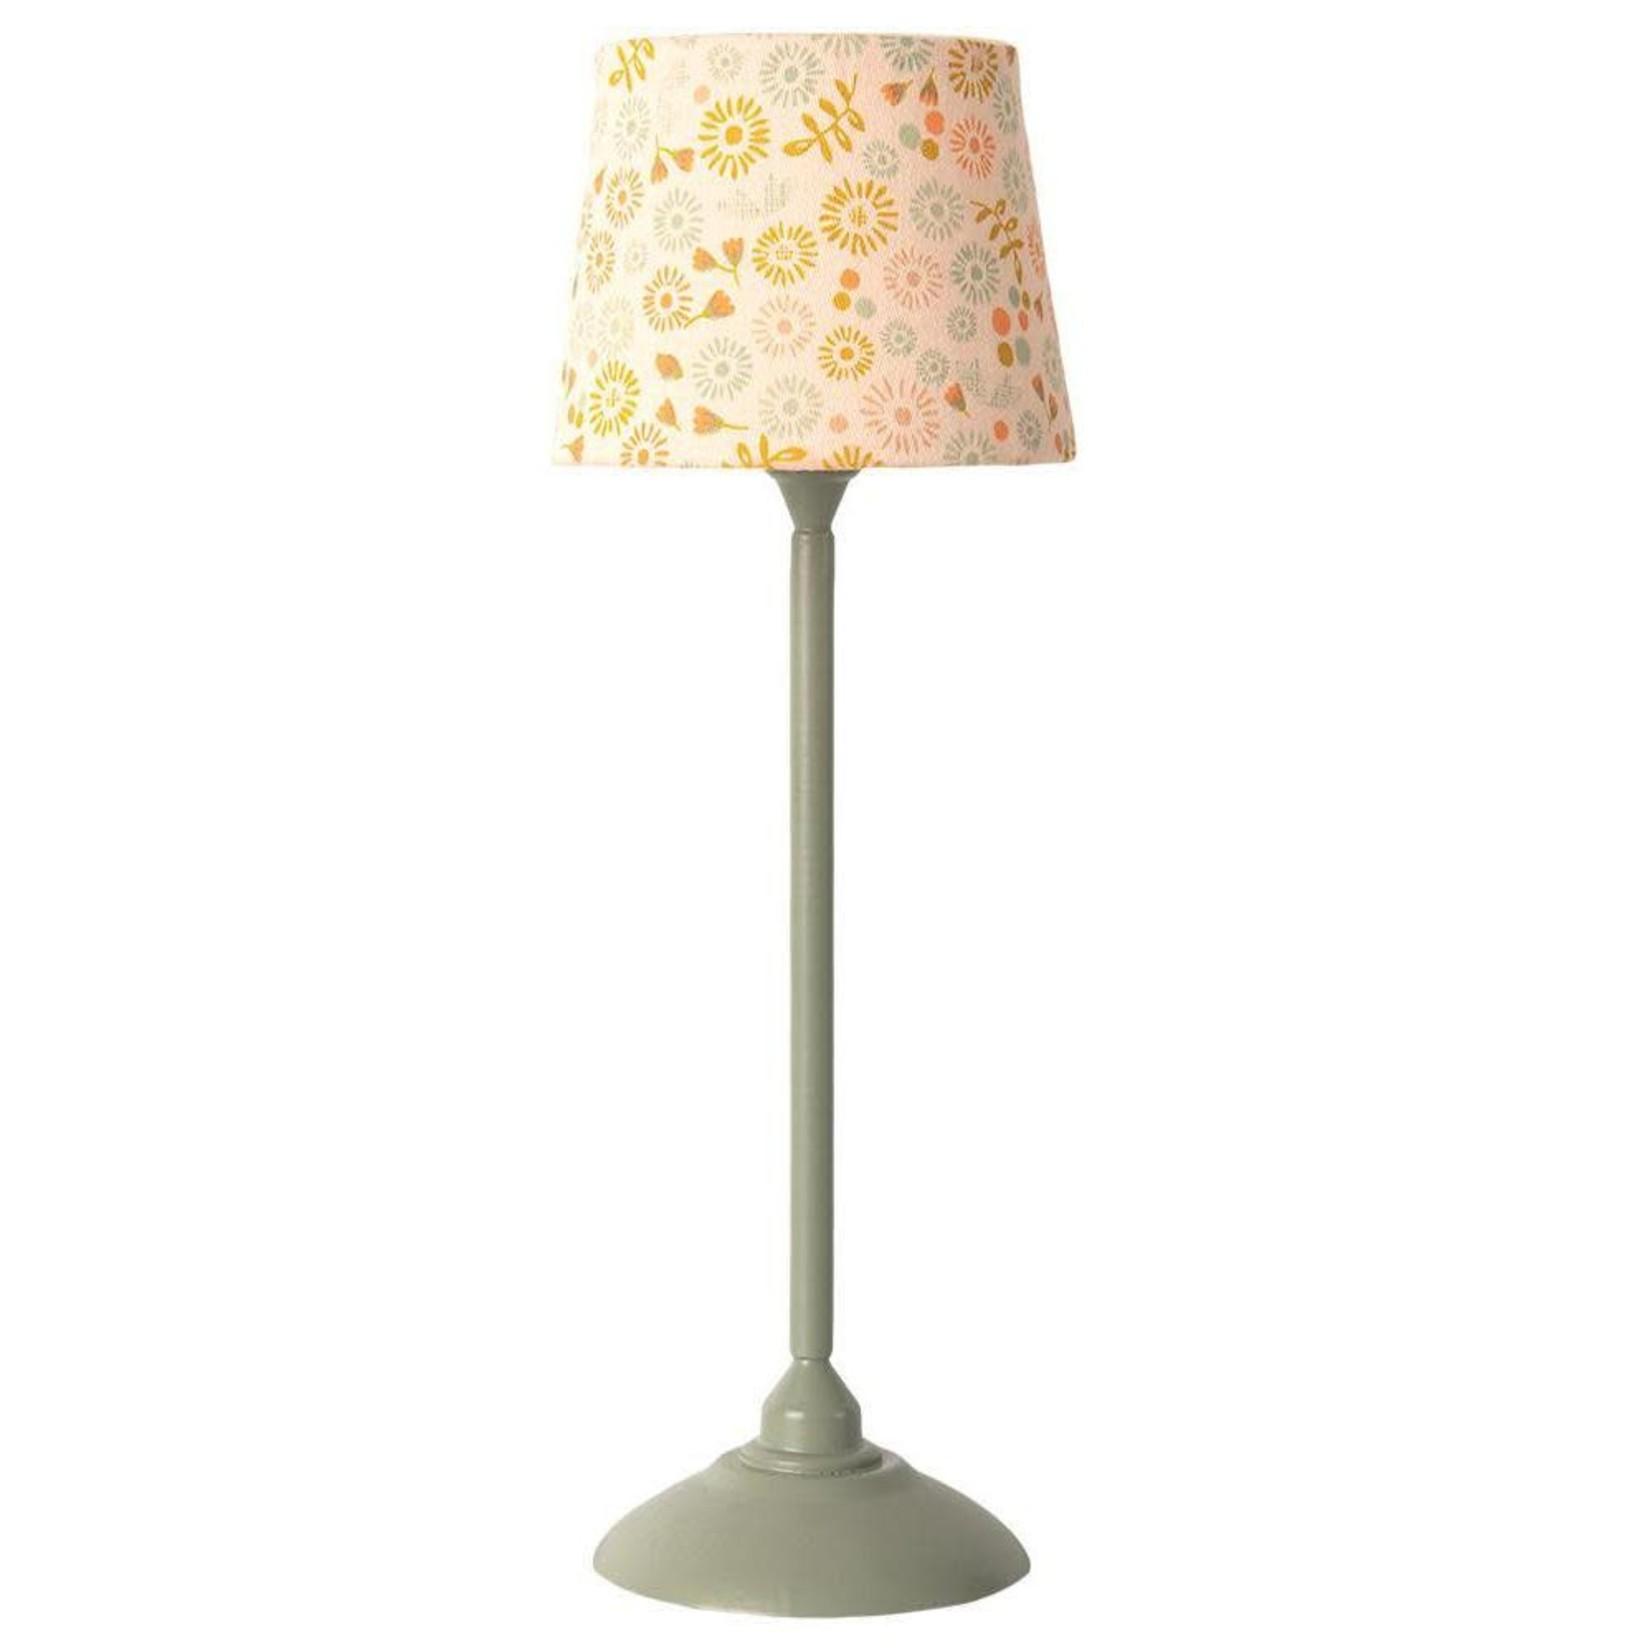 MAILEG MINI FLOOR LAMP MINT